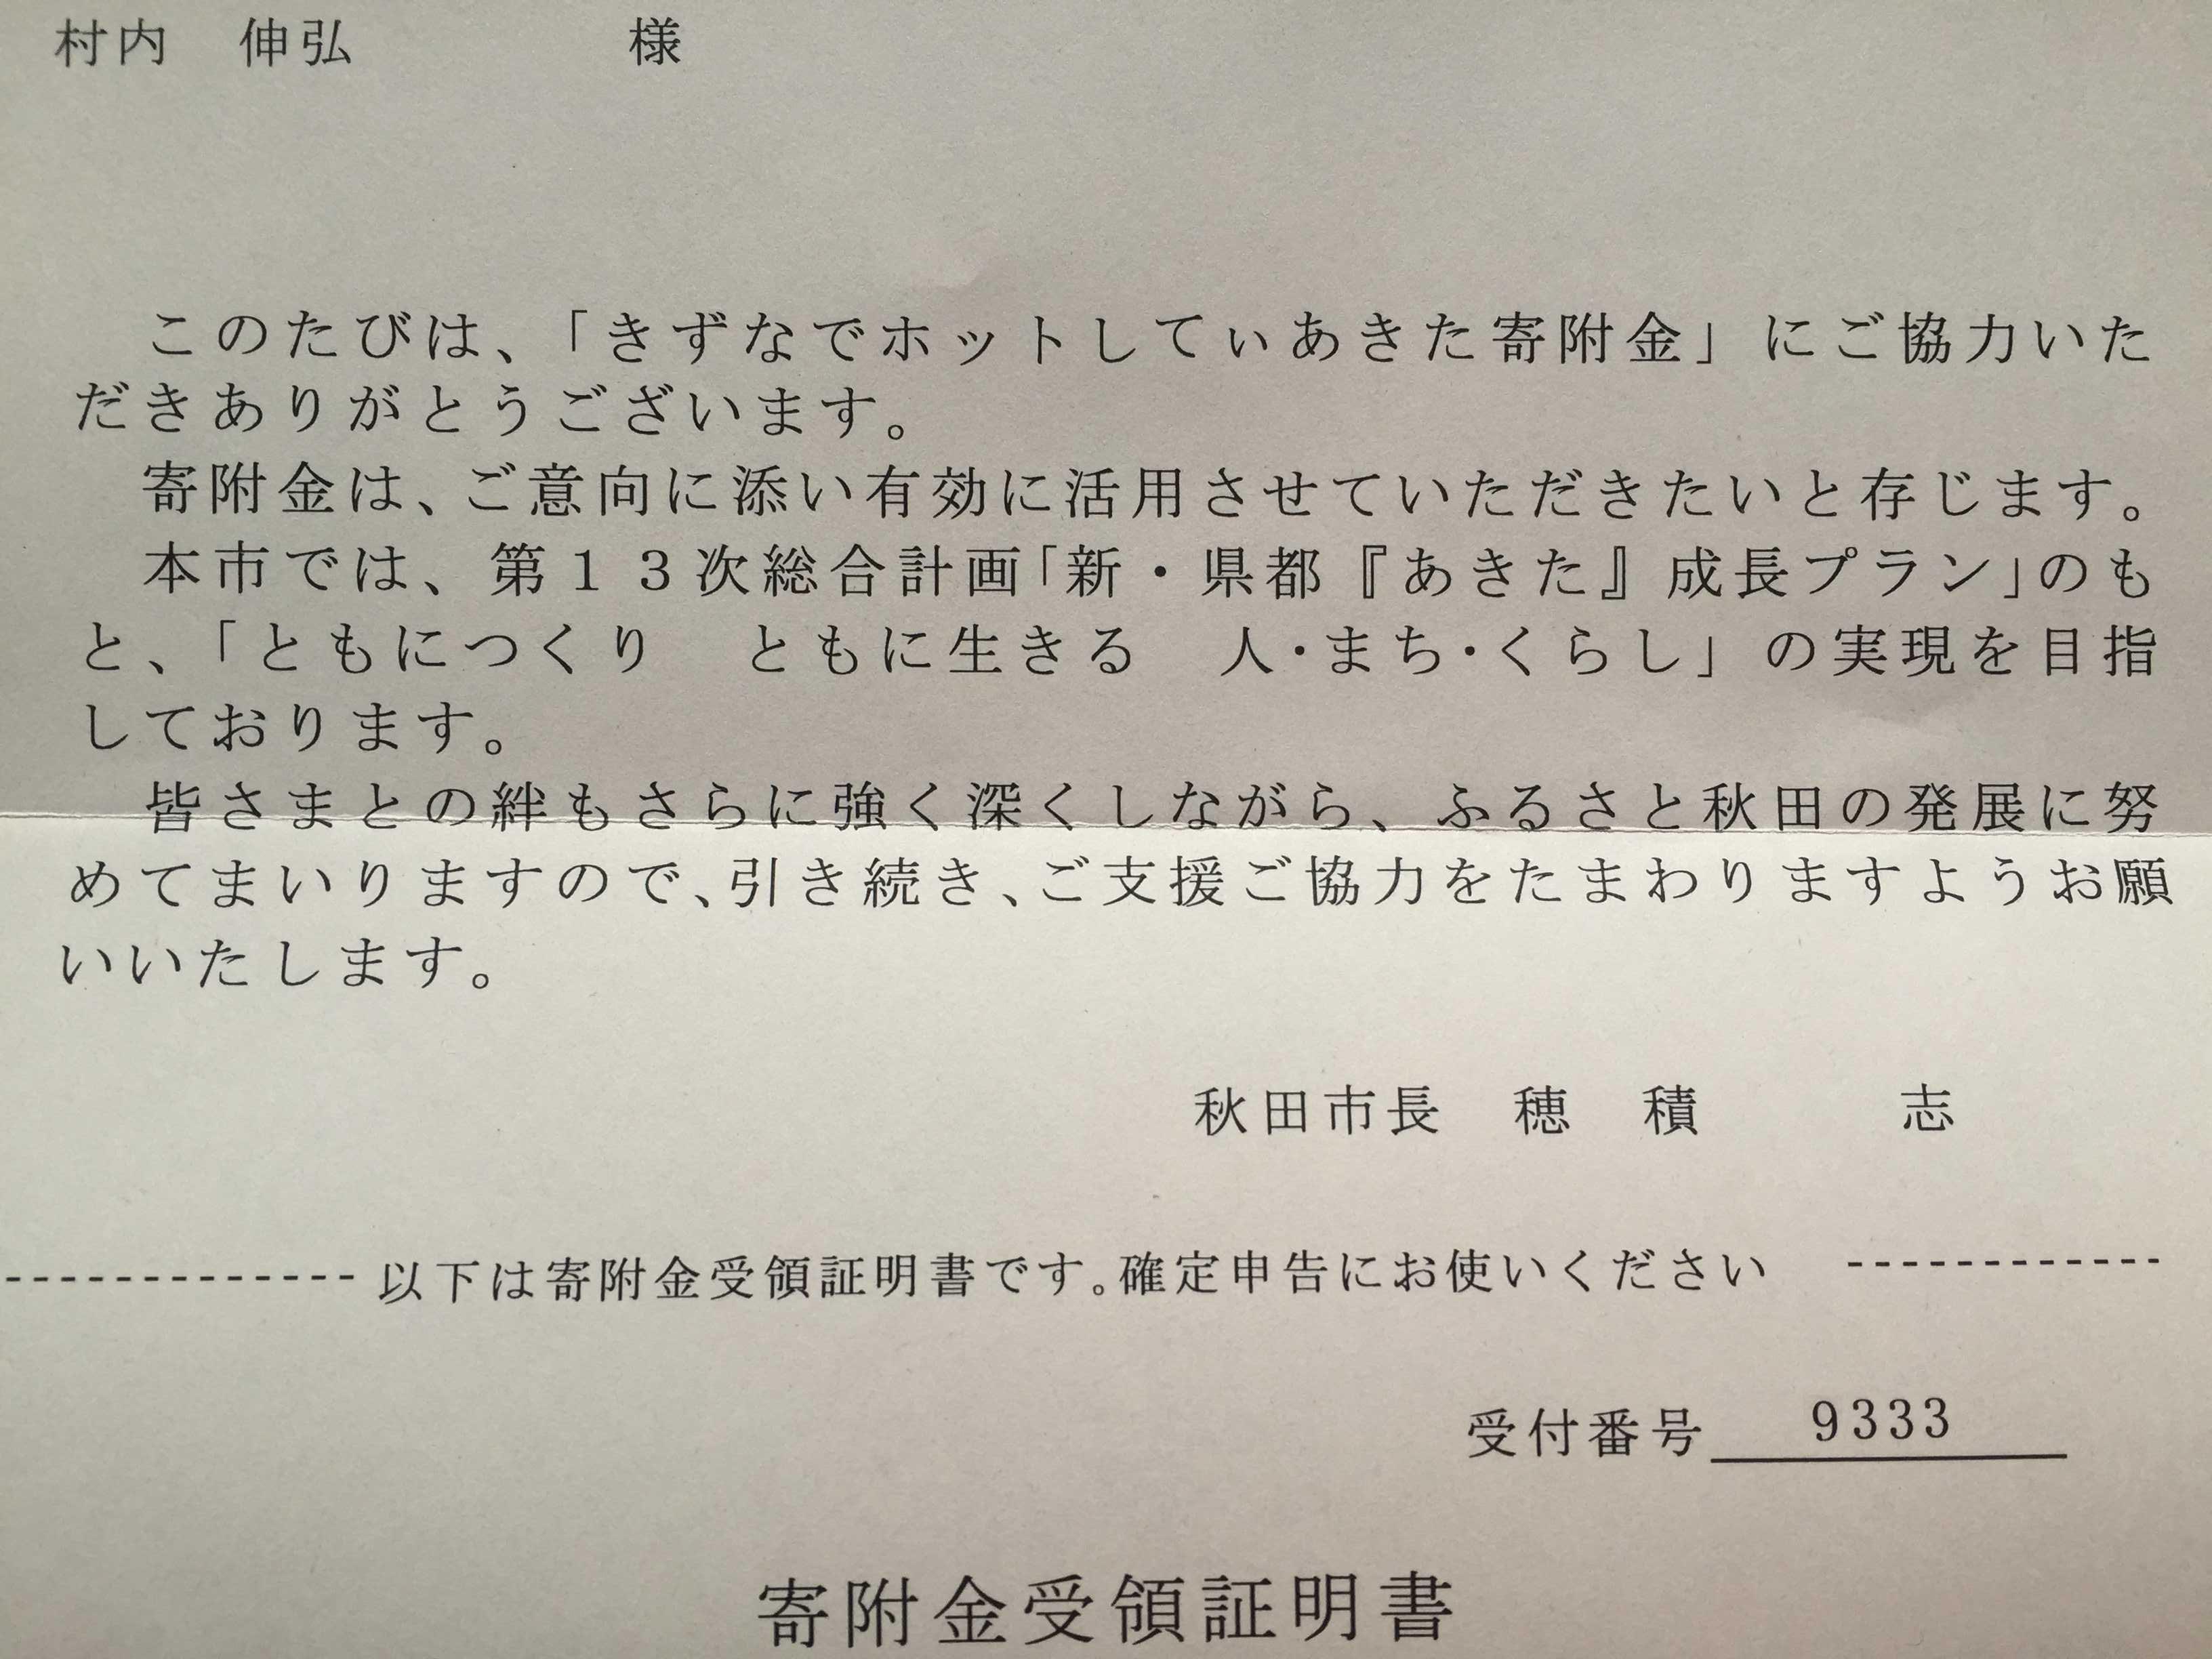 穂積志・秋田市長からの「きずなでホットしてぃあきた寄附金」への御礼の手紙